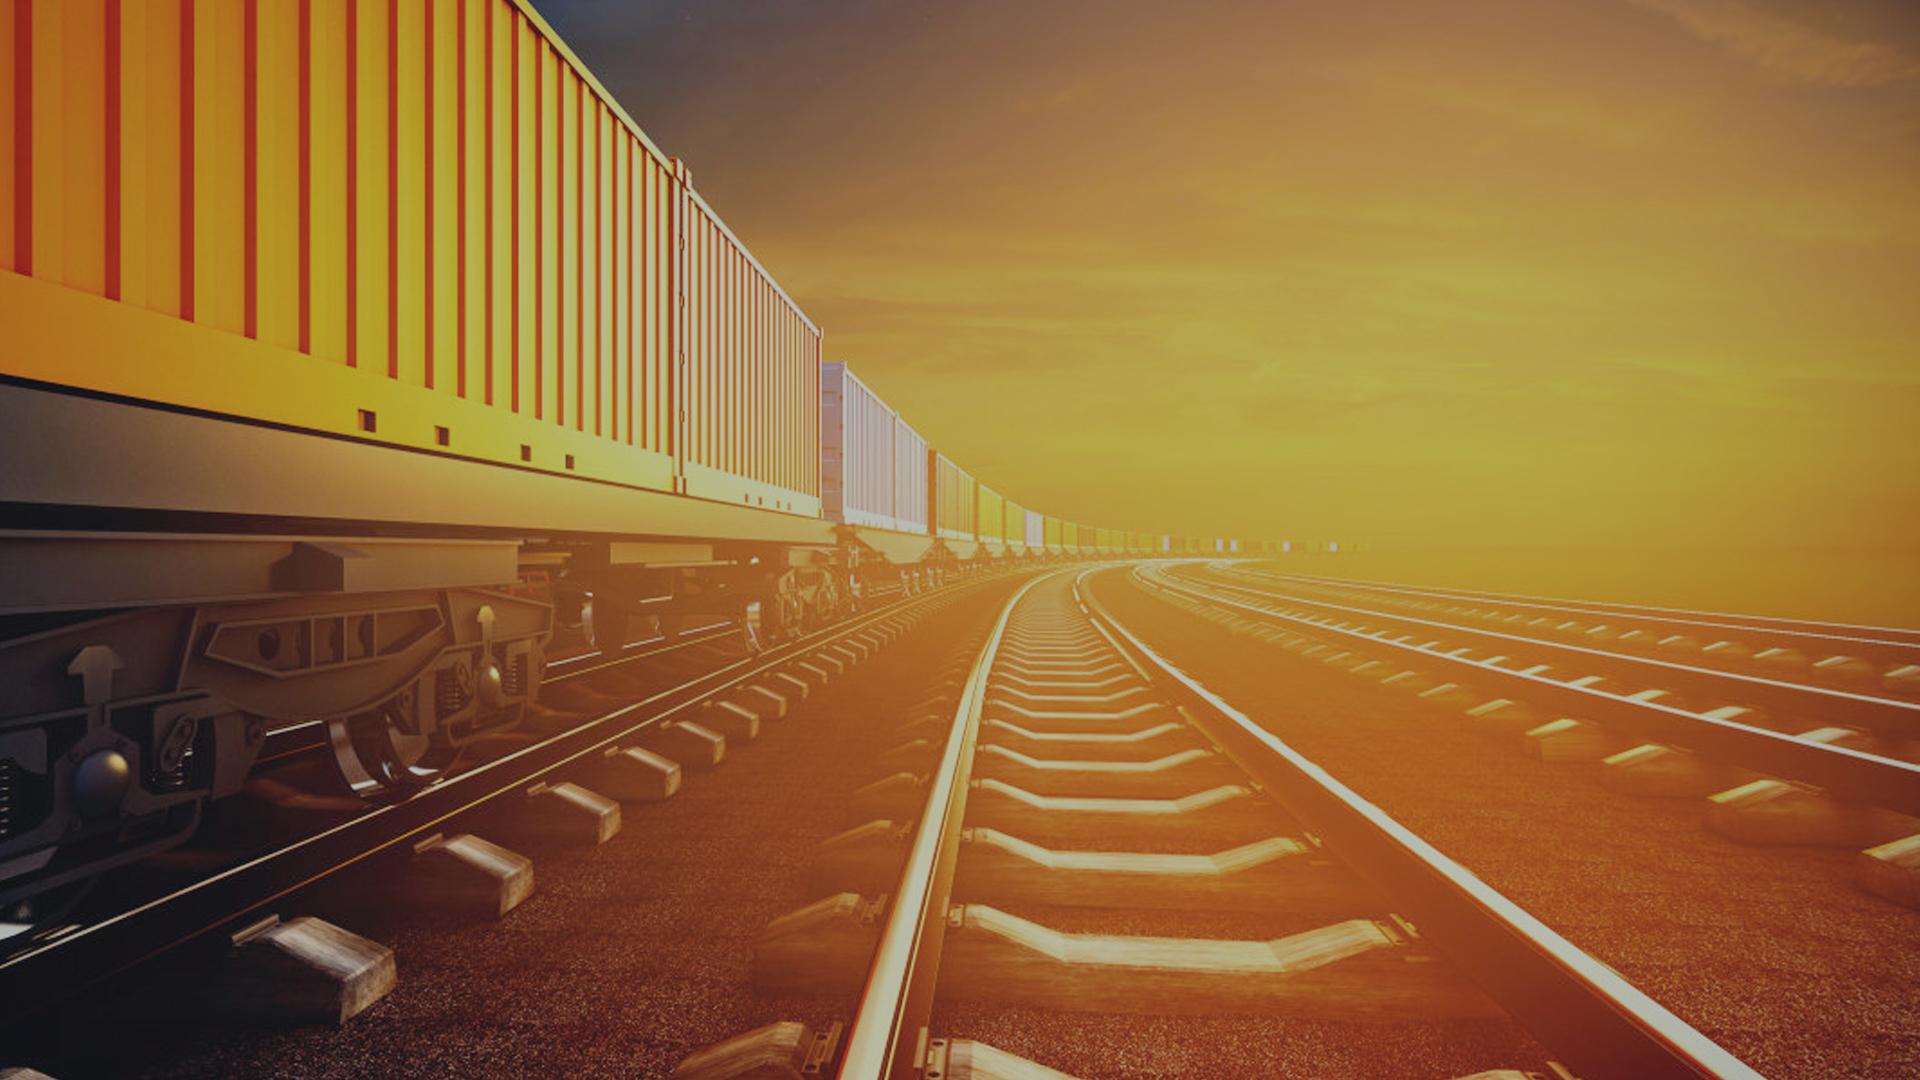 国际铁运一级大庄家:全球最低价,欧洲渠道优势最明显